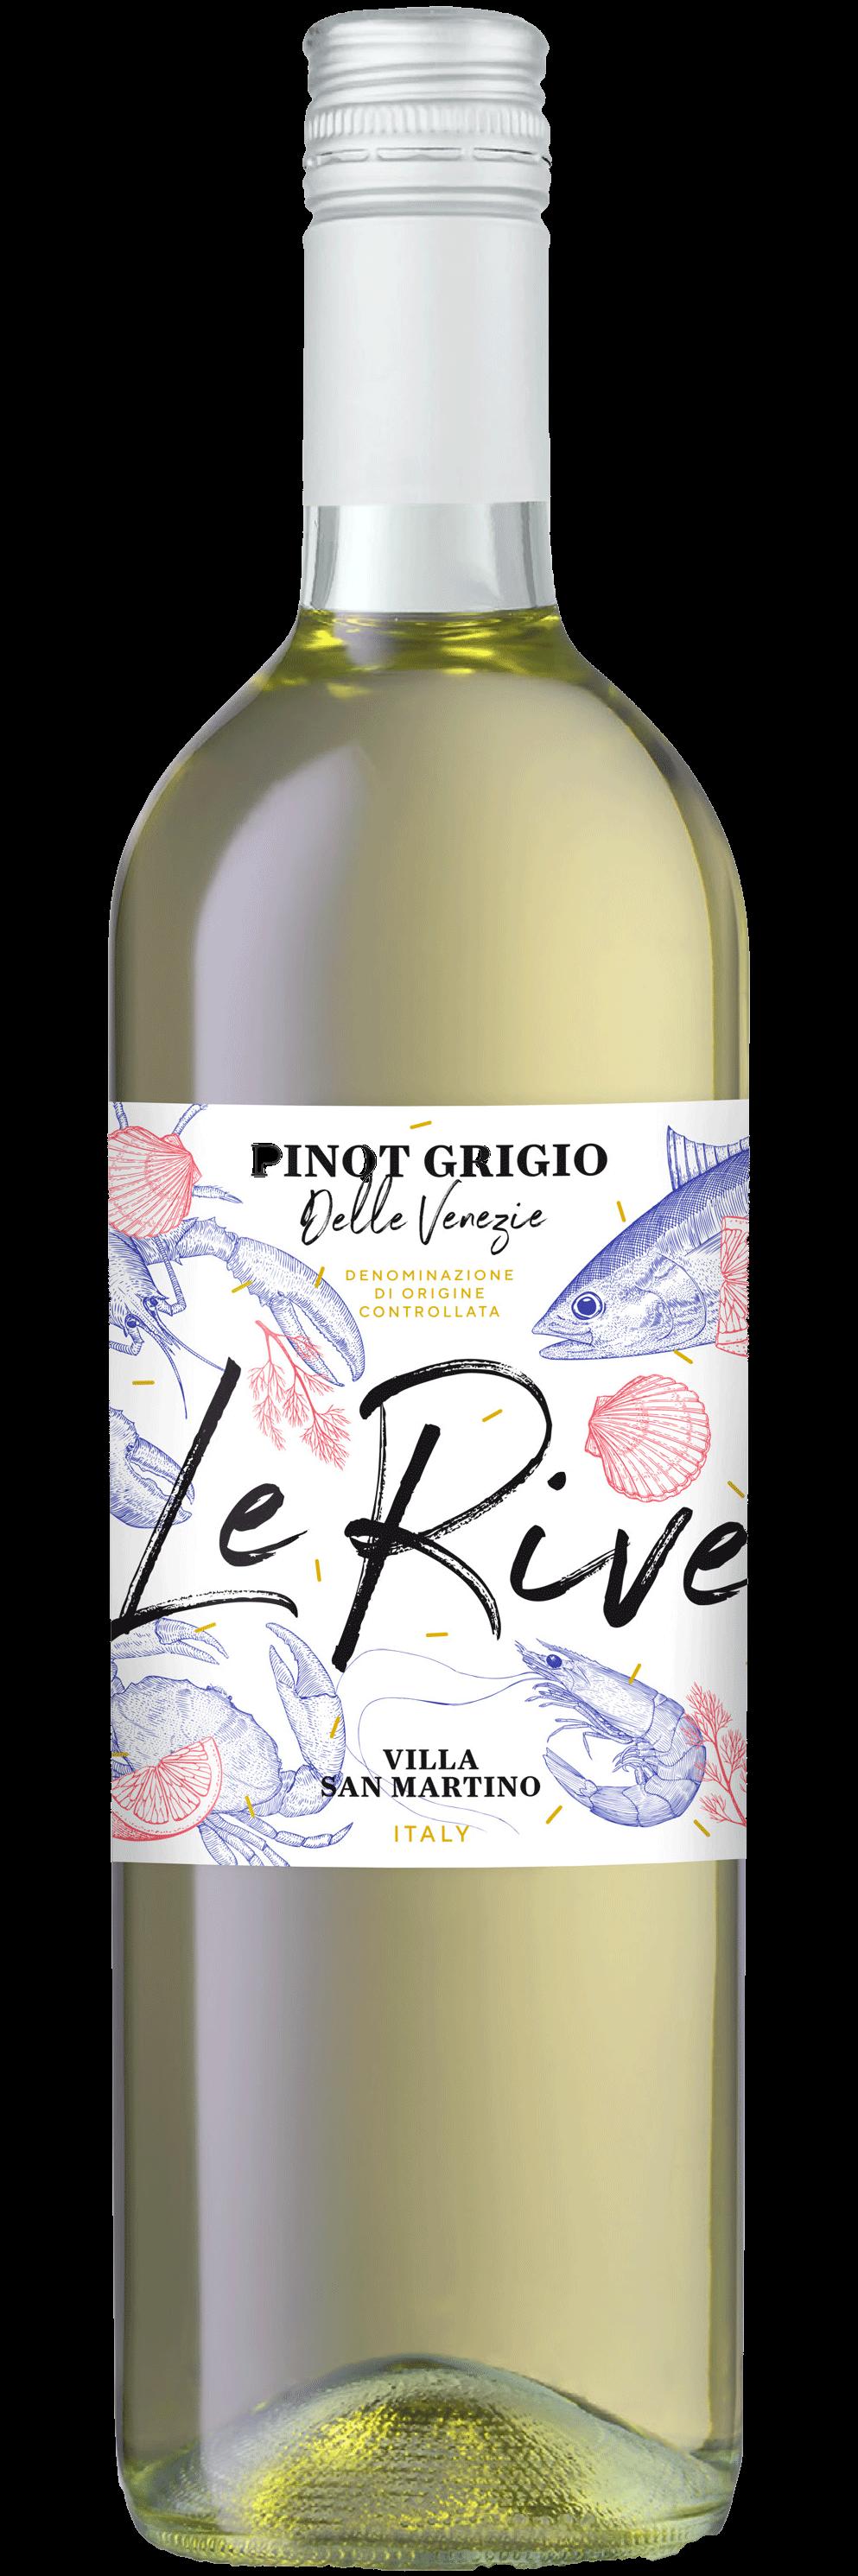 Villa San Martino Le Rive Pinot Grigio